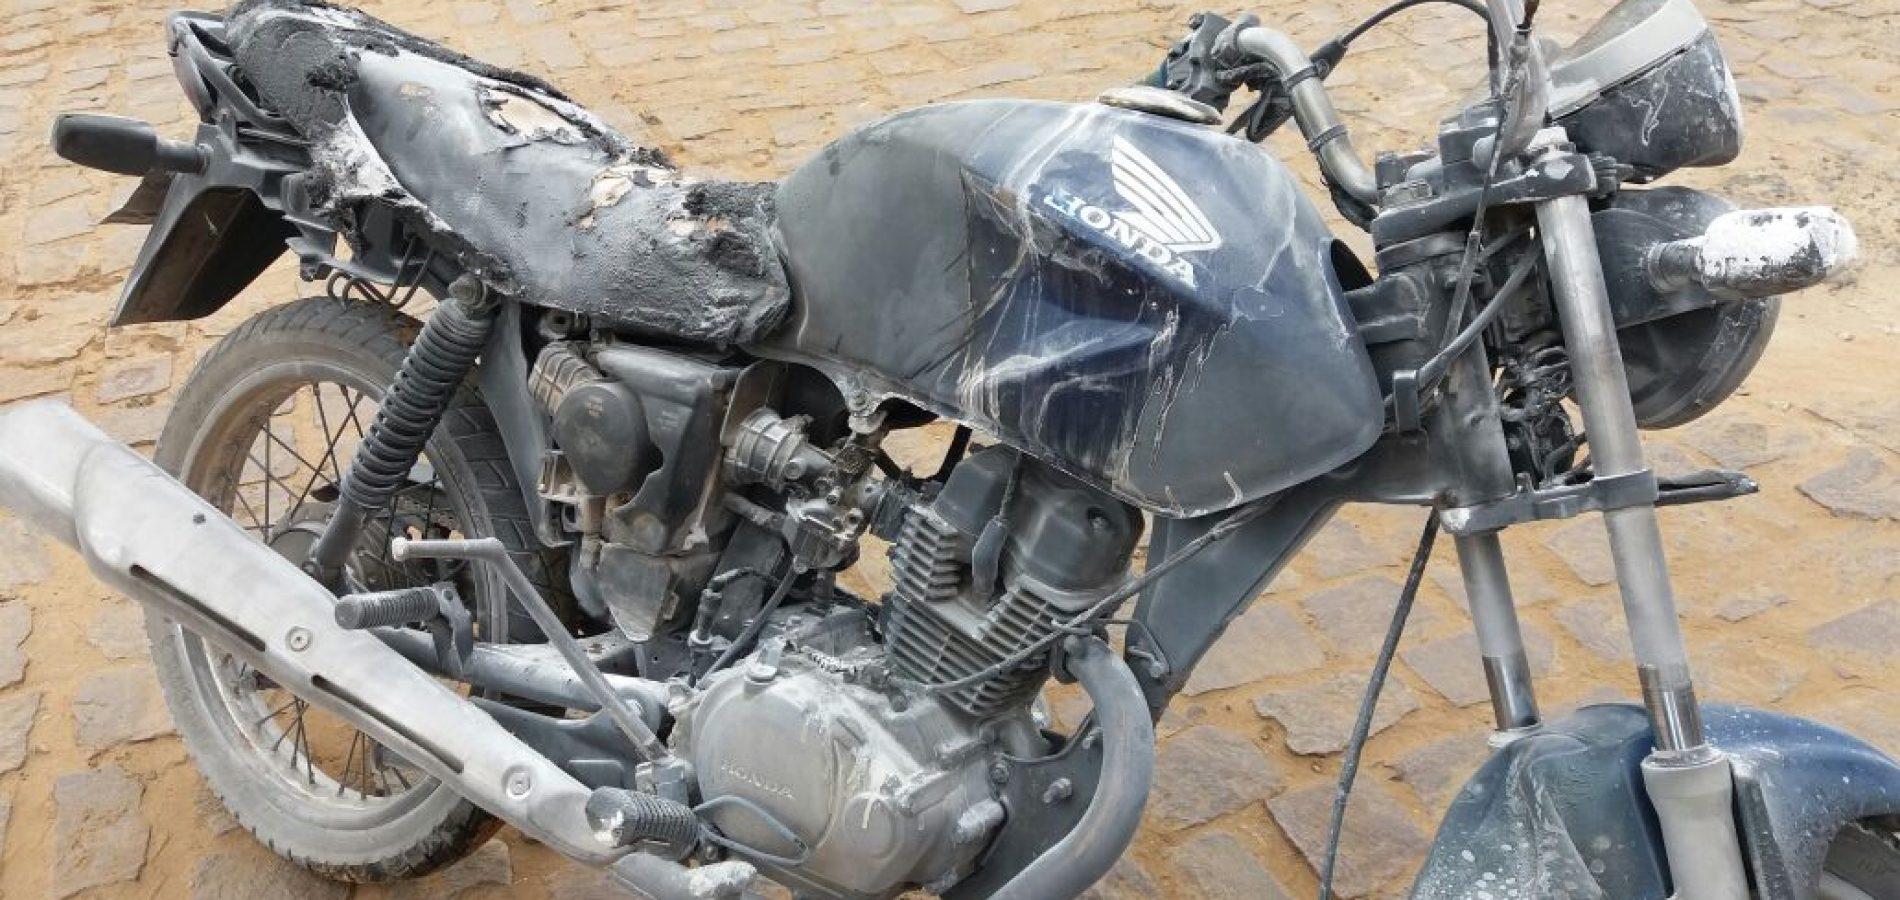 SIMÕES | Moto incendeia com criança na garupa em posto de combustível; assista vídeo